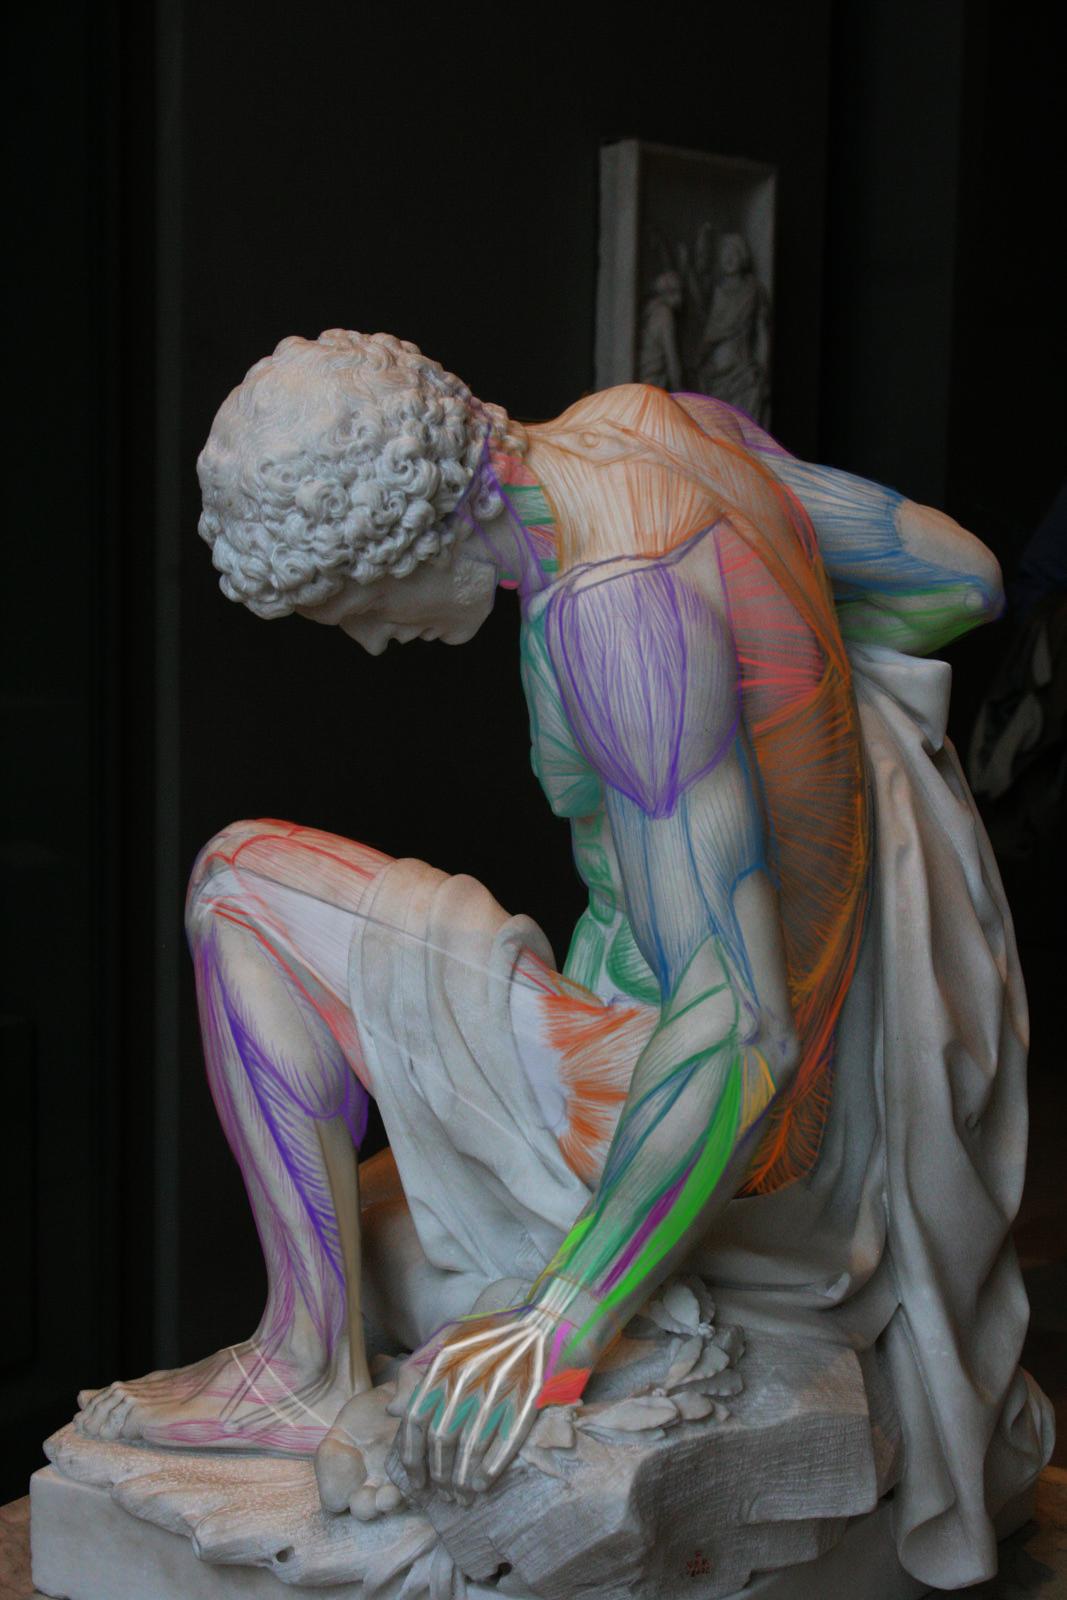 louvre_sculpture-2(2).jpg